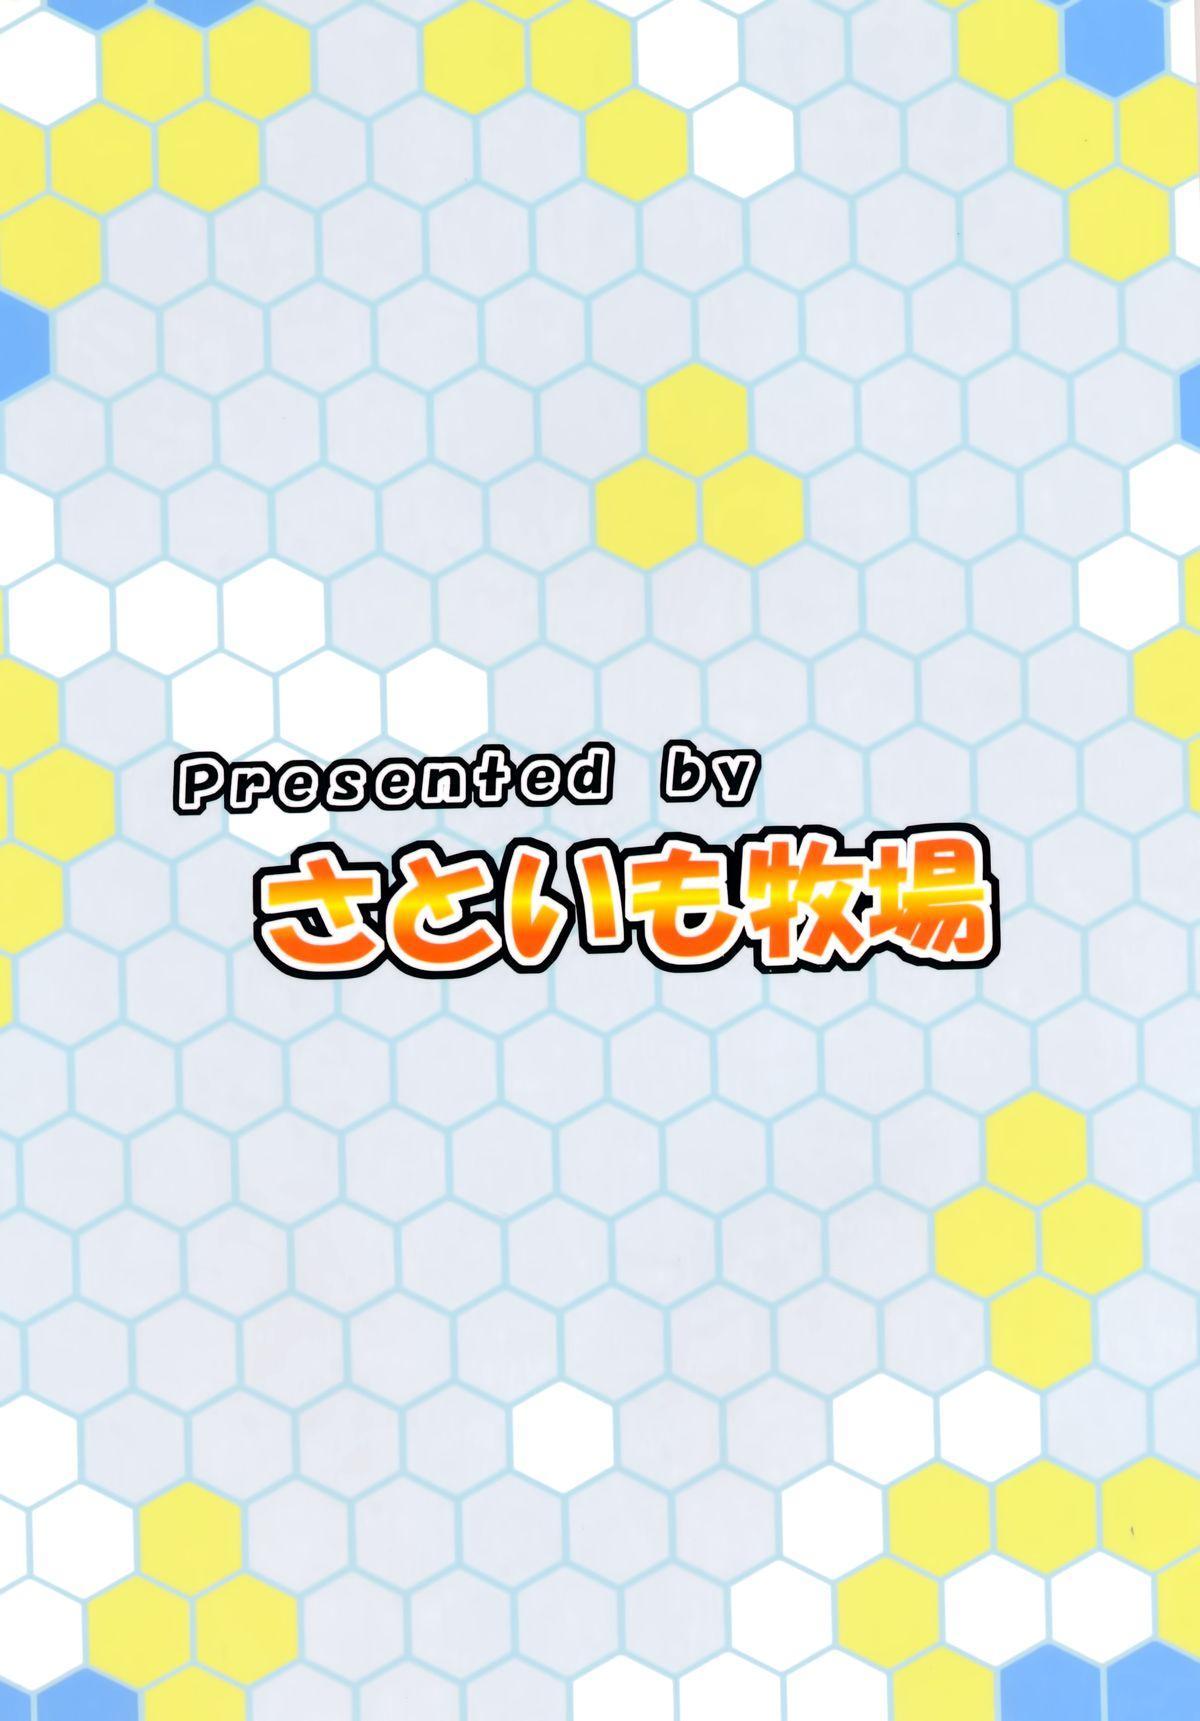 (C85) [Satoimo Bokujou (Nyonyonba Tarou) Raiden-tachi ni Oshioki Sarete Teitoku 19 (Kantai Collection -KanColle-) [Chinese] [无毒汉化组] 1